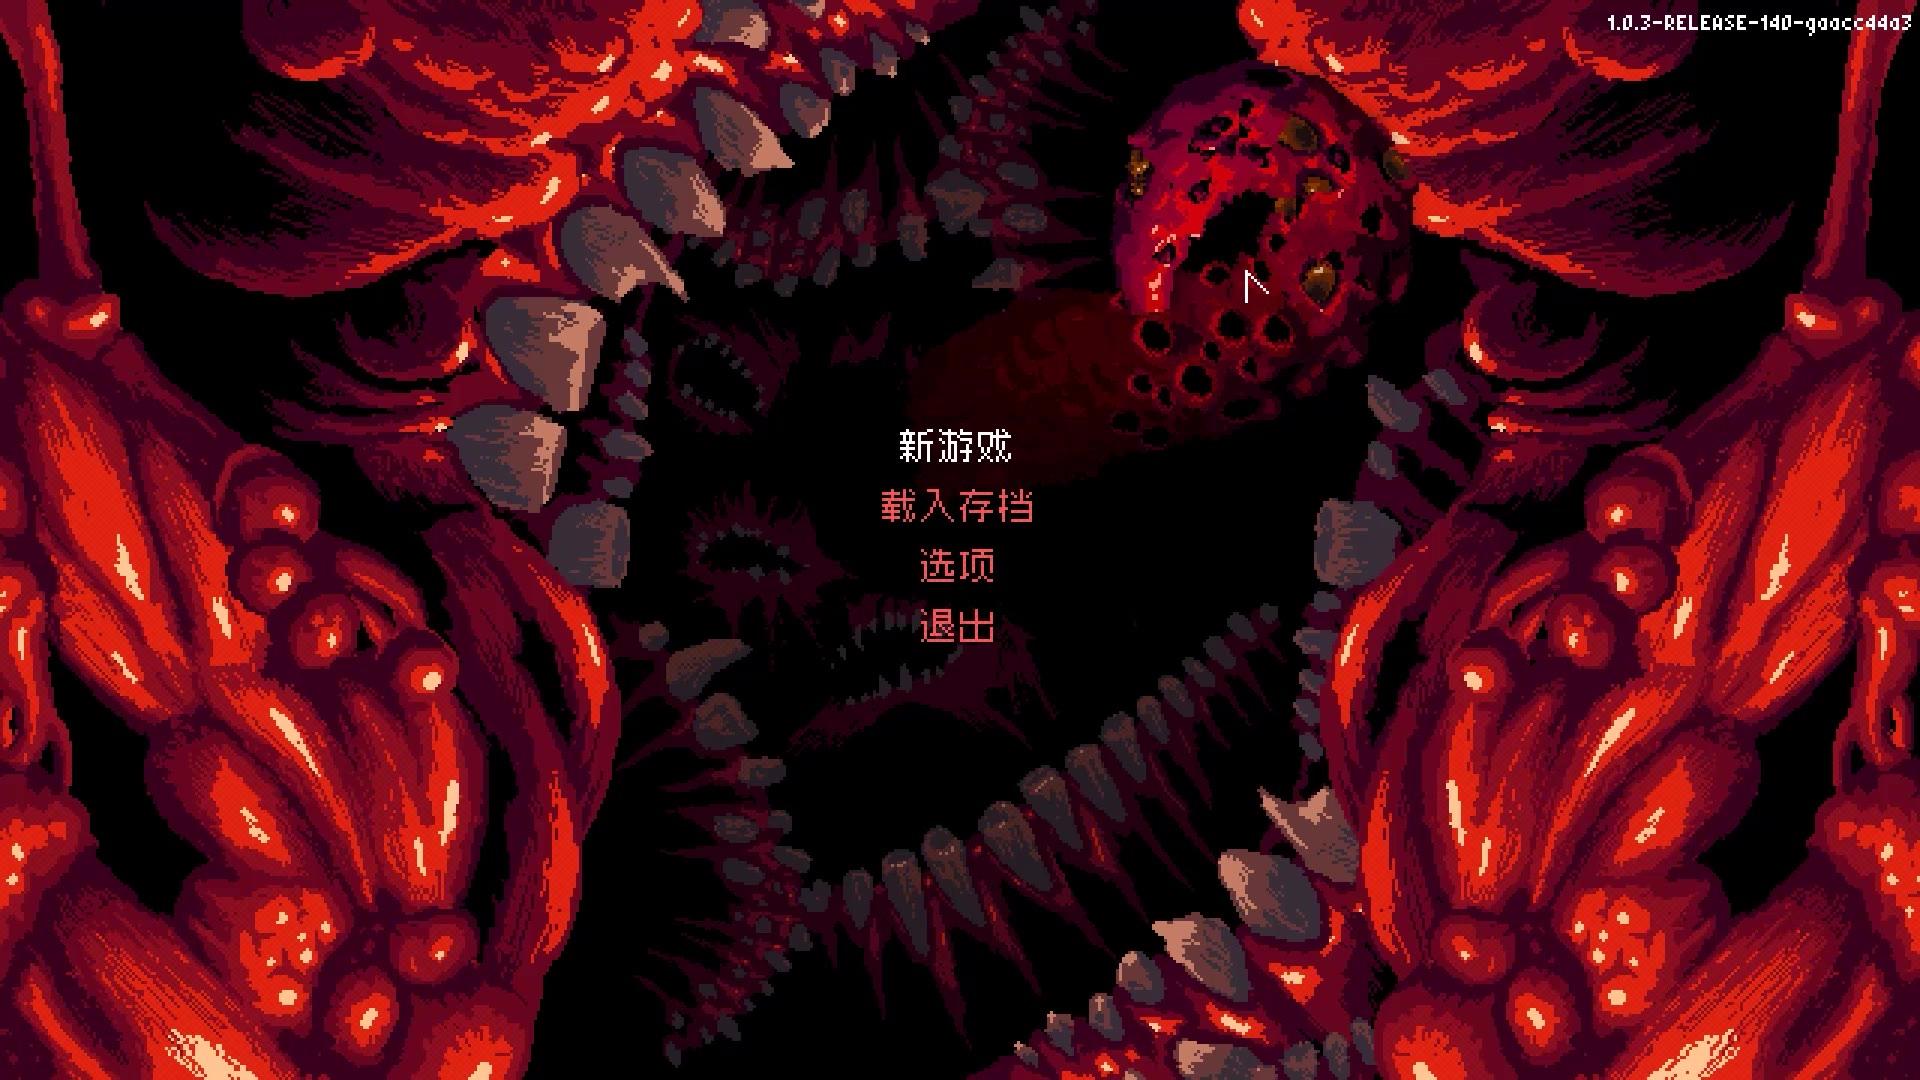 红怪1:凶残迅猛的红色物体